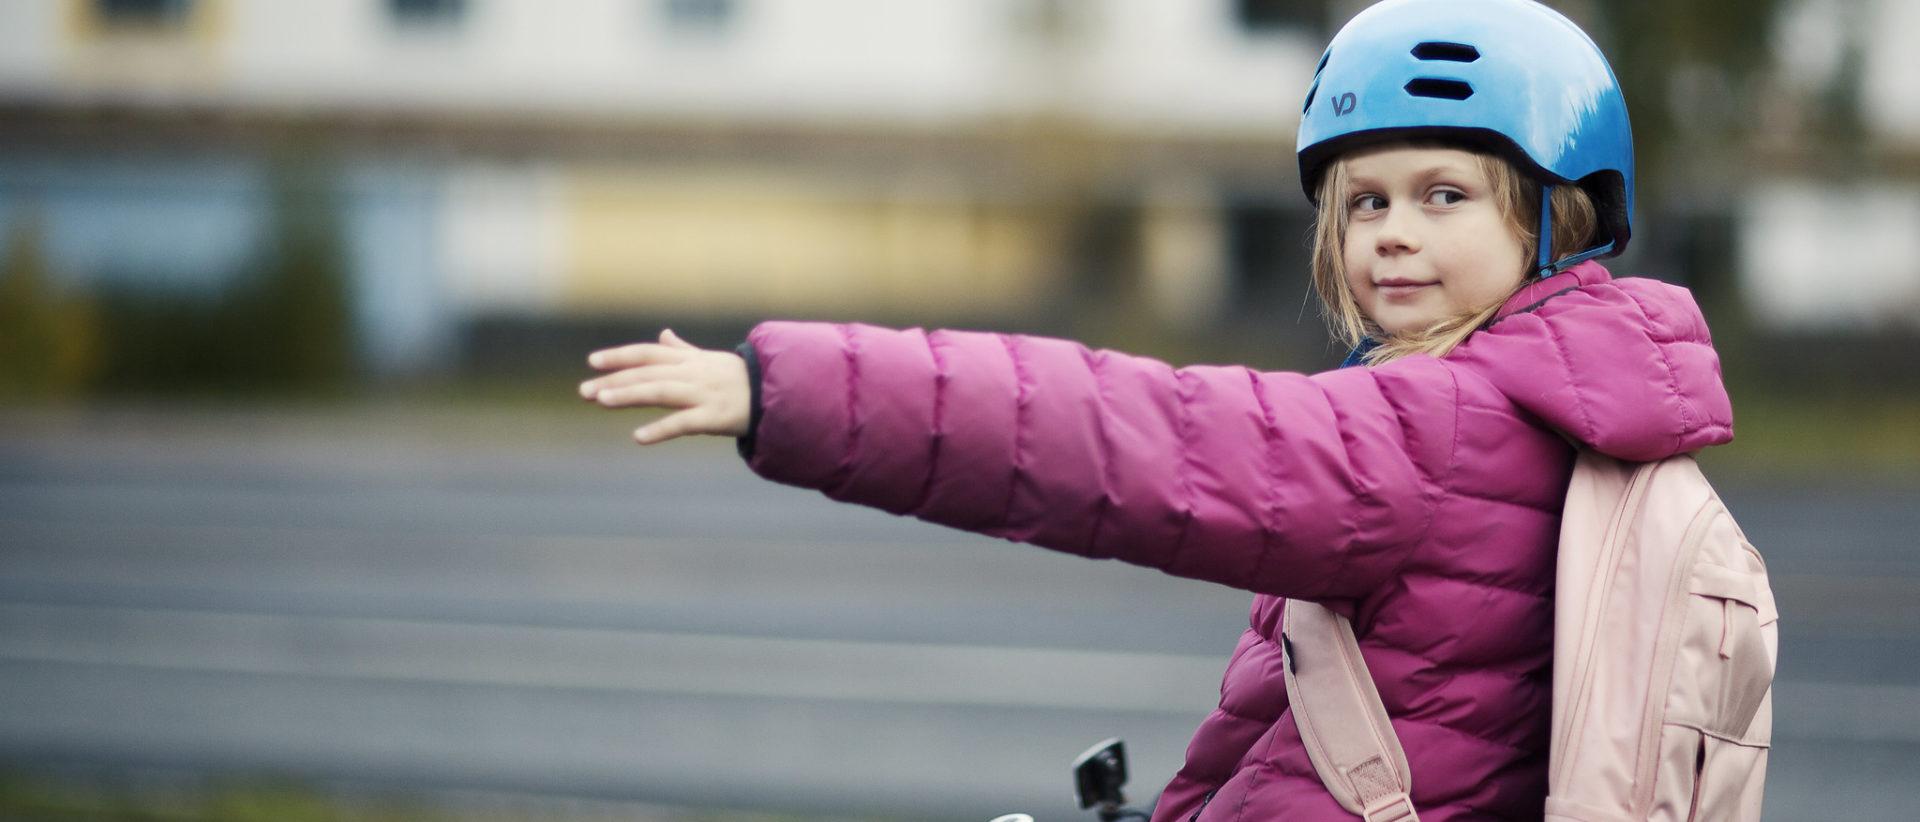 Pyöräilijätyttö näyttää suuntamerkkiä.